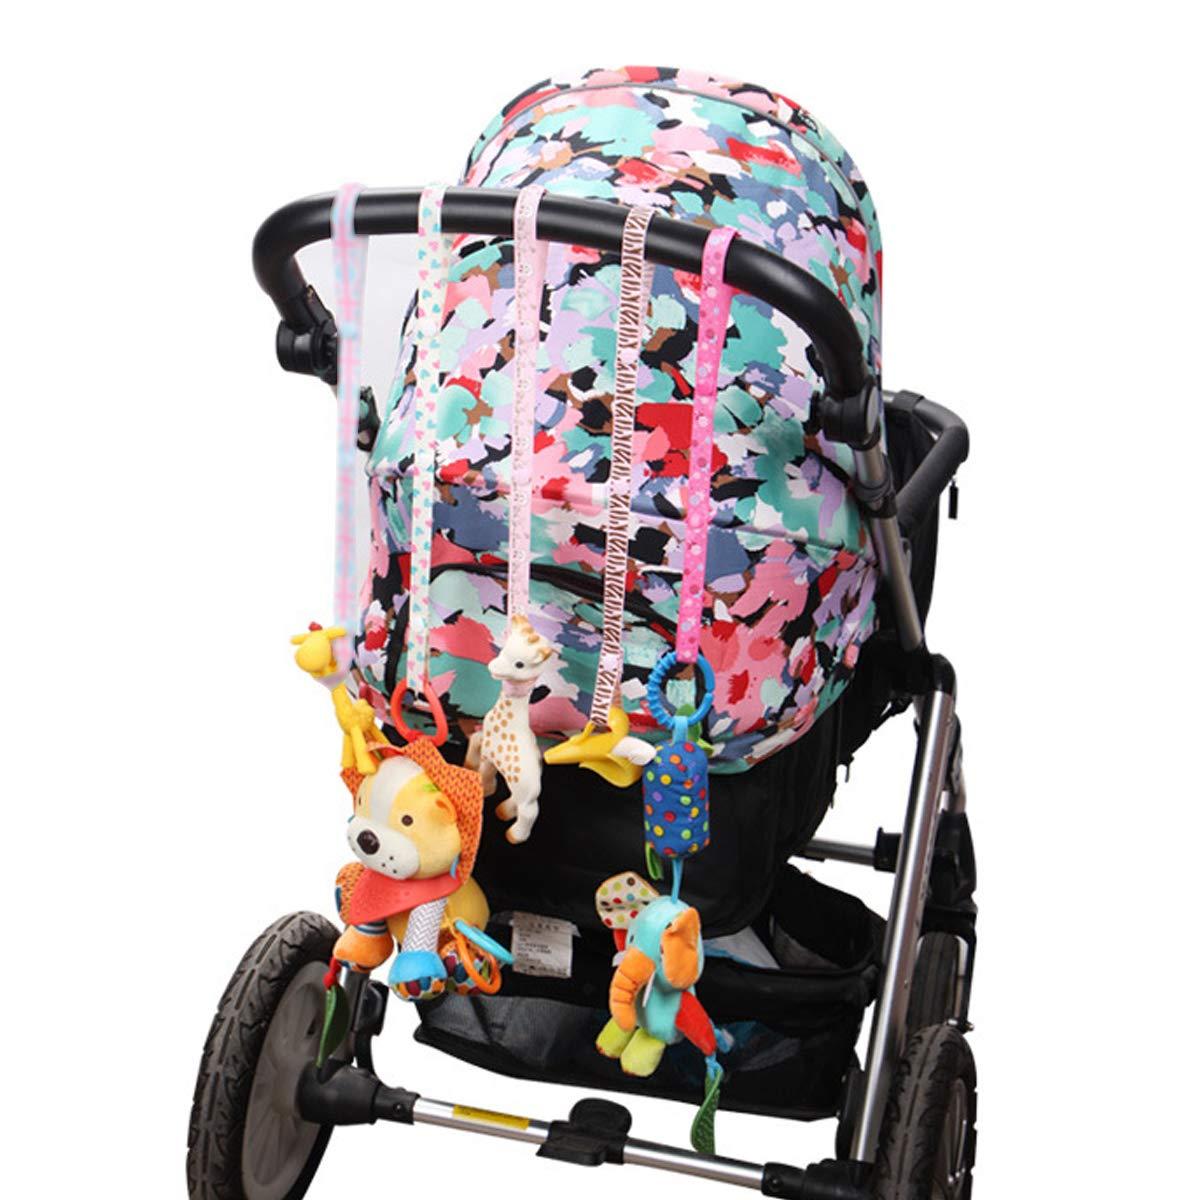 motivo casuale confezione da 10 cinghie regolabili universali per passeggino Cinghia porta giocattoli per bambini cinghia di sicurezza per ciuccio e portabicchieri